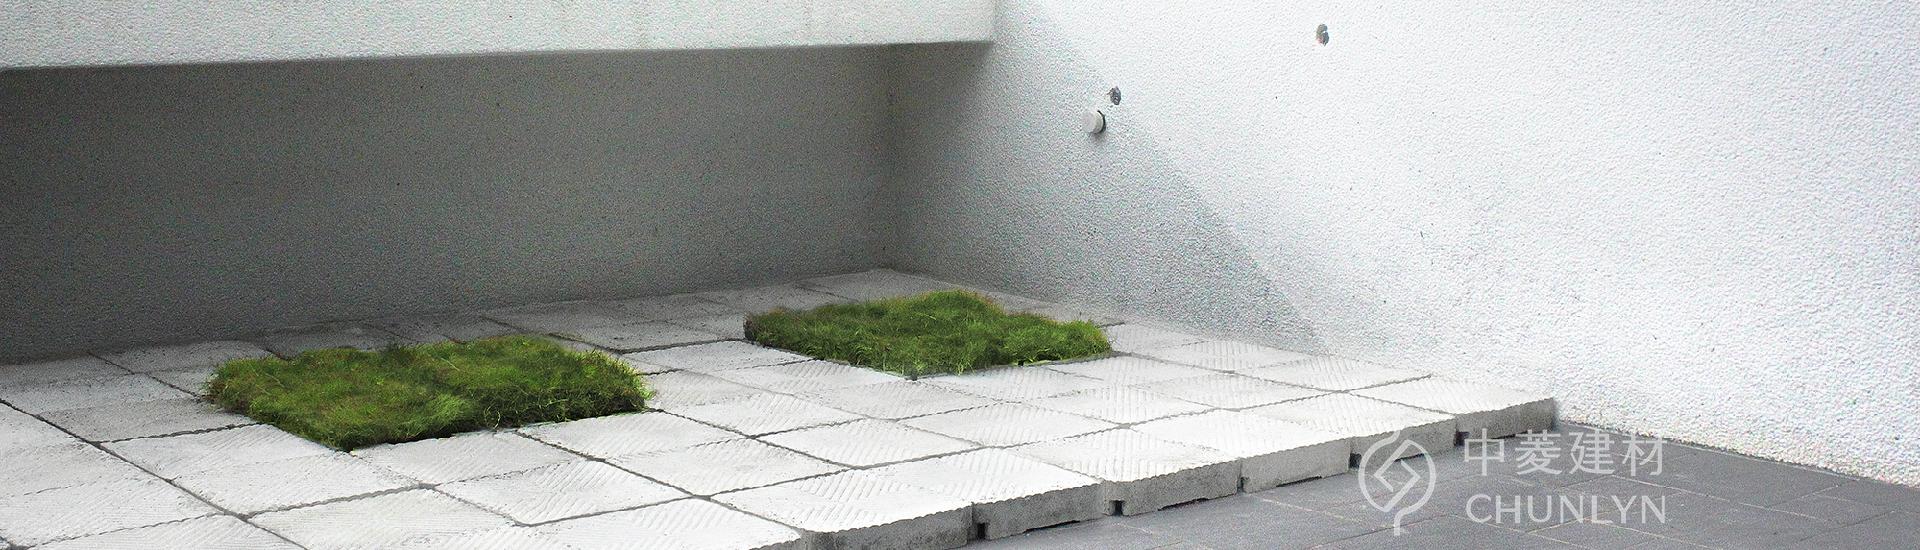 Cooler屋頂植草隔熱兩用磚,屋頂綠化、隔熱一次完成,輕鬆打造綠屋頂